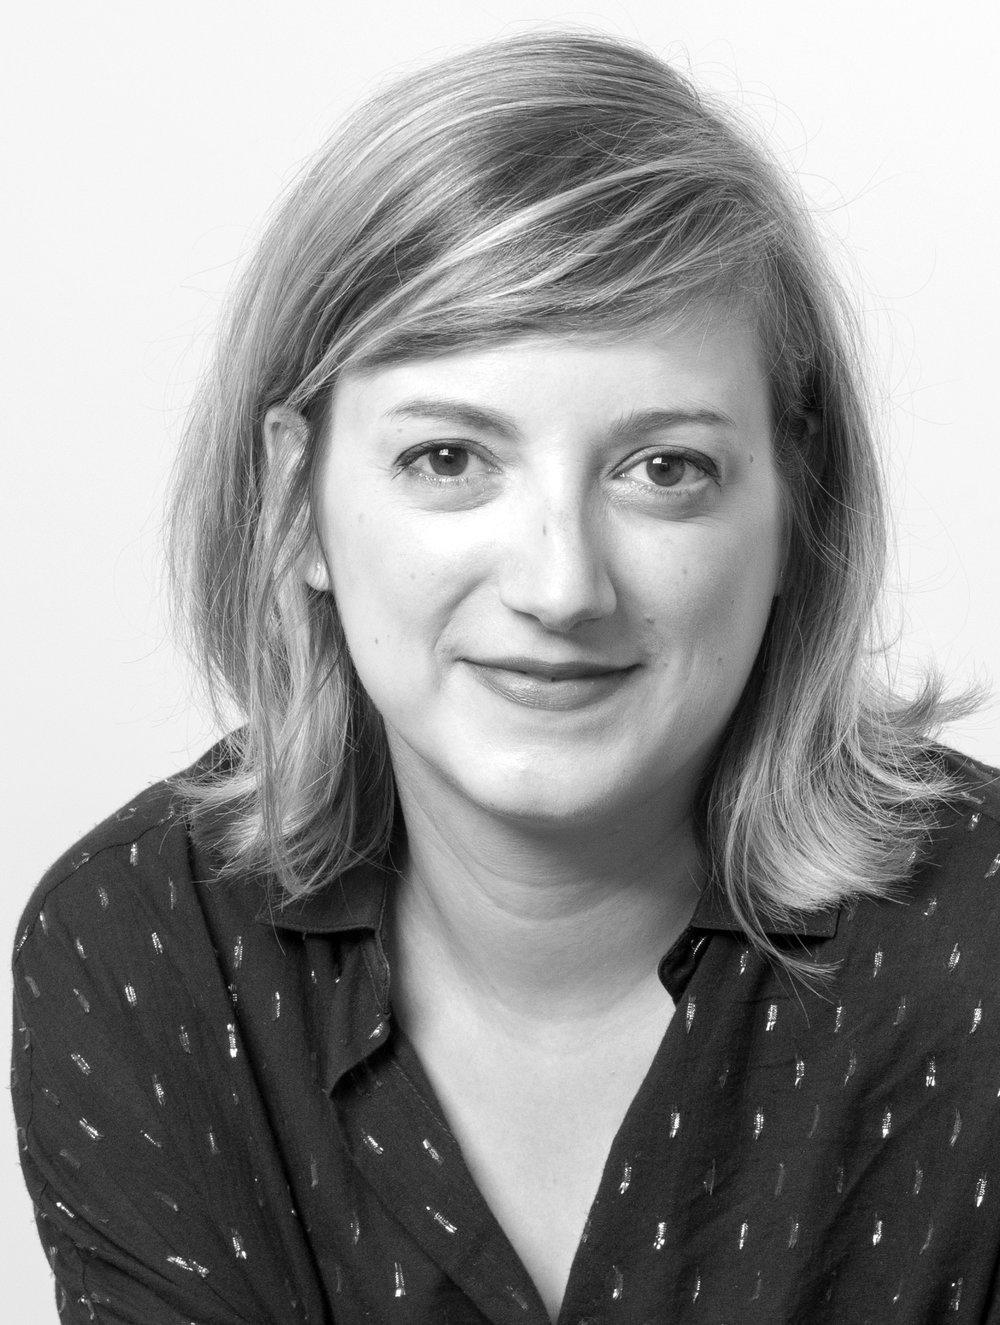 Adeline Çabale - Experte Retail - CEO et Co-Fondatrice Retail FactoryDiplômée de l'Institut Français de la Mode, Adeline travaille depuis 12 ans dans la stratégie Retail de marques. Aujourd'hui Experte Retail pour le compte de clients du luxe, de la beauté et de la food, elle est spécialiste des tendances de magasins, de l'expérience client et du Retail-tainment.Elle organise régulièrement des Retail Tours à Paris, Londres et New York.En 2017, elle créé Retail Factory avec Jean-Noël Chaintreuil.